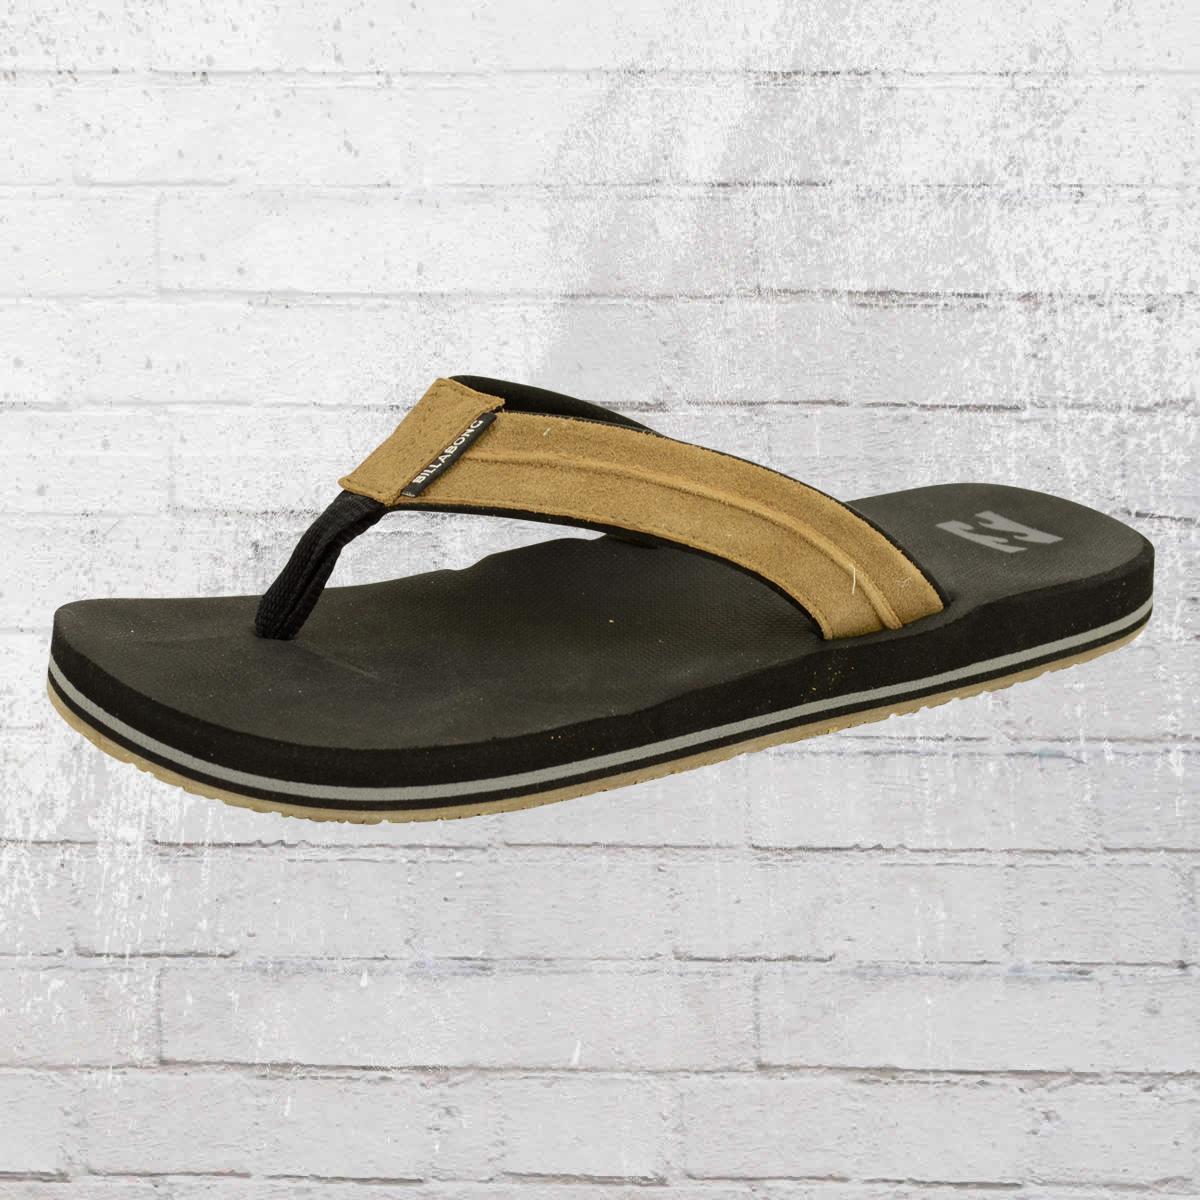 d7974869a617 Billabong Zehentrenner Sandale All Day Impact Lux bootstauglich schwarz  braun